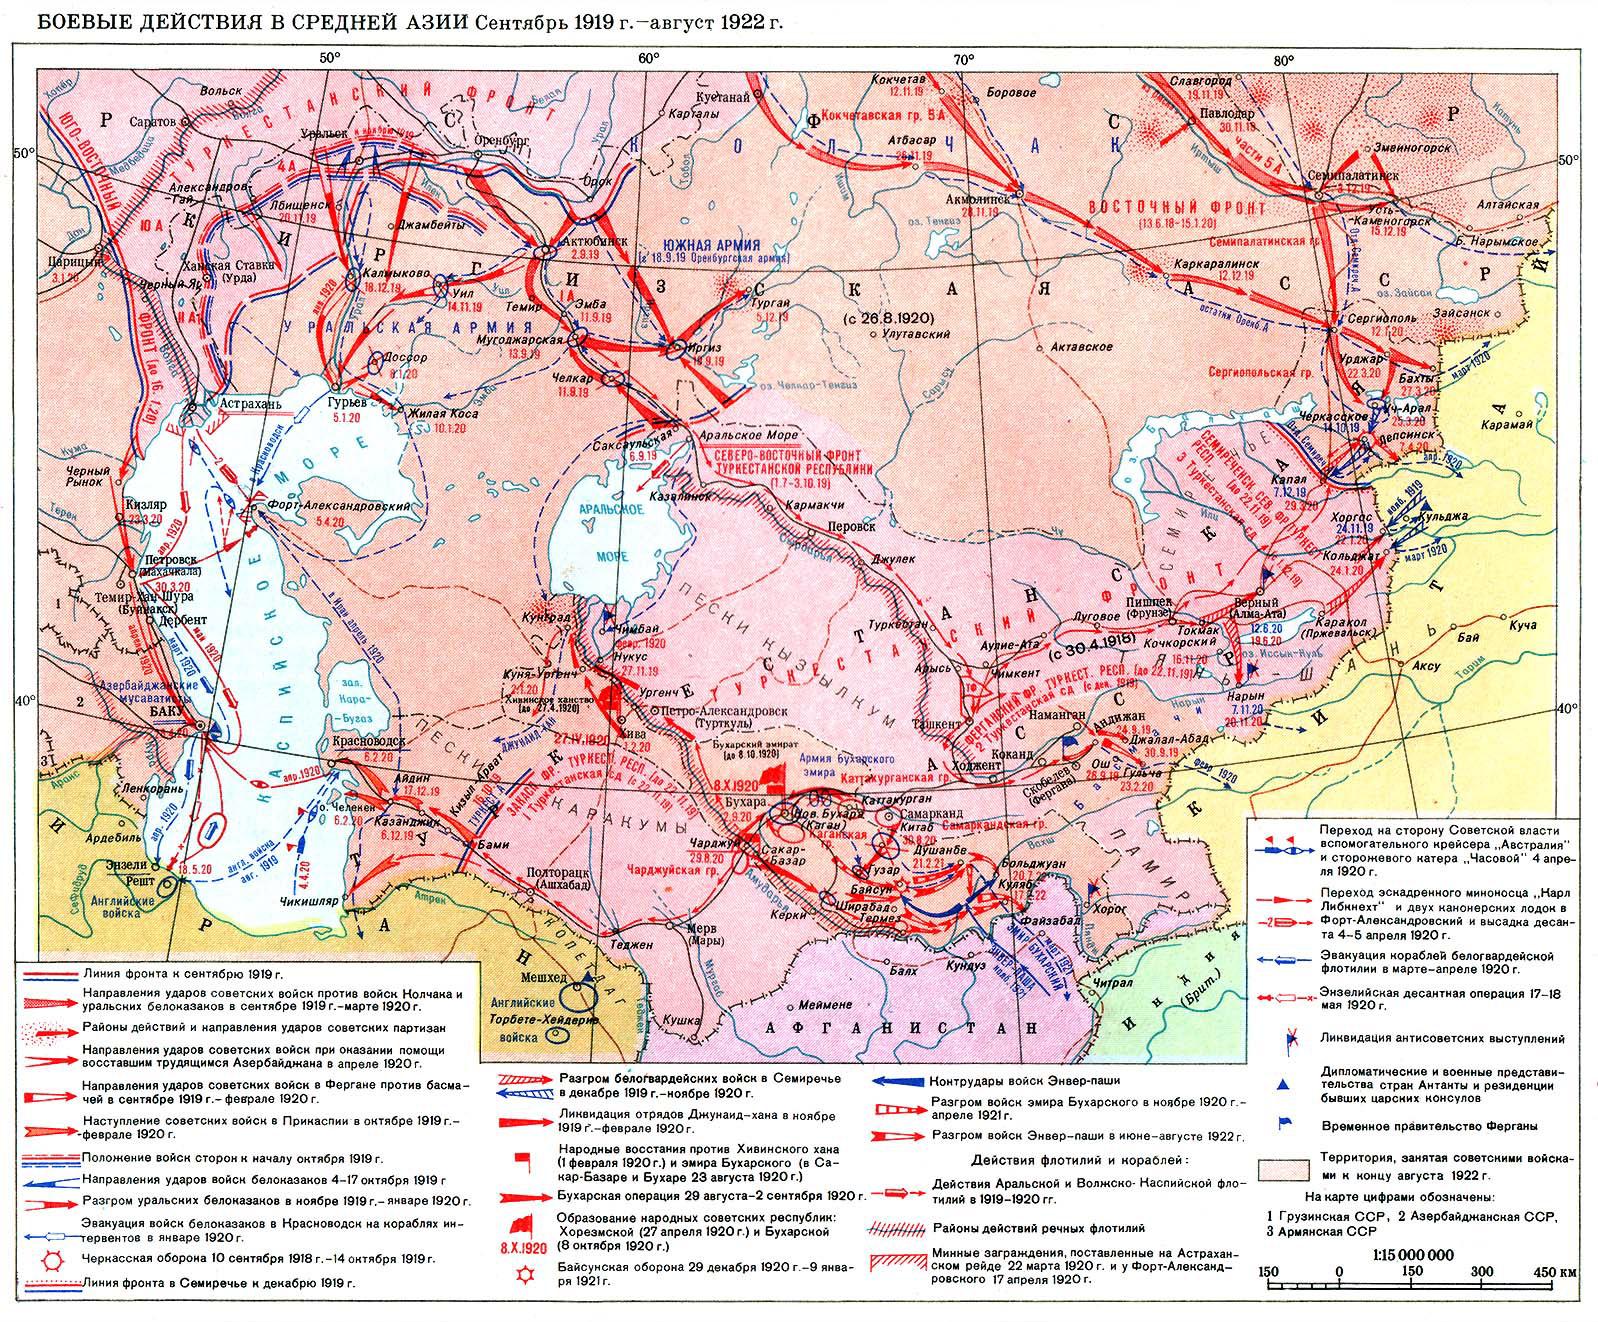 История басмачества. Карта боевых действий в Средней Азии, сентябрь 1919 — август 1922 годов